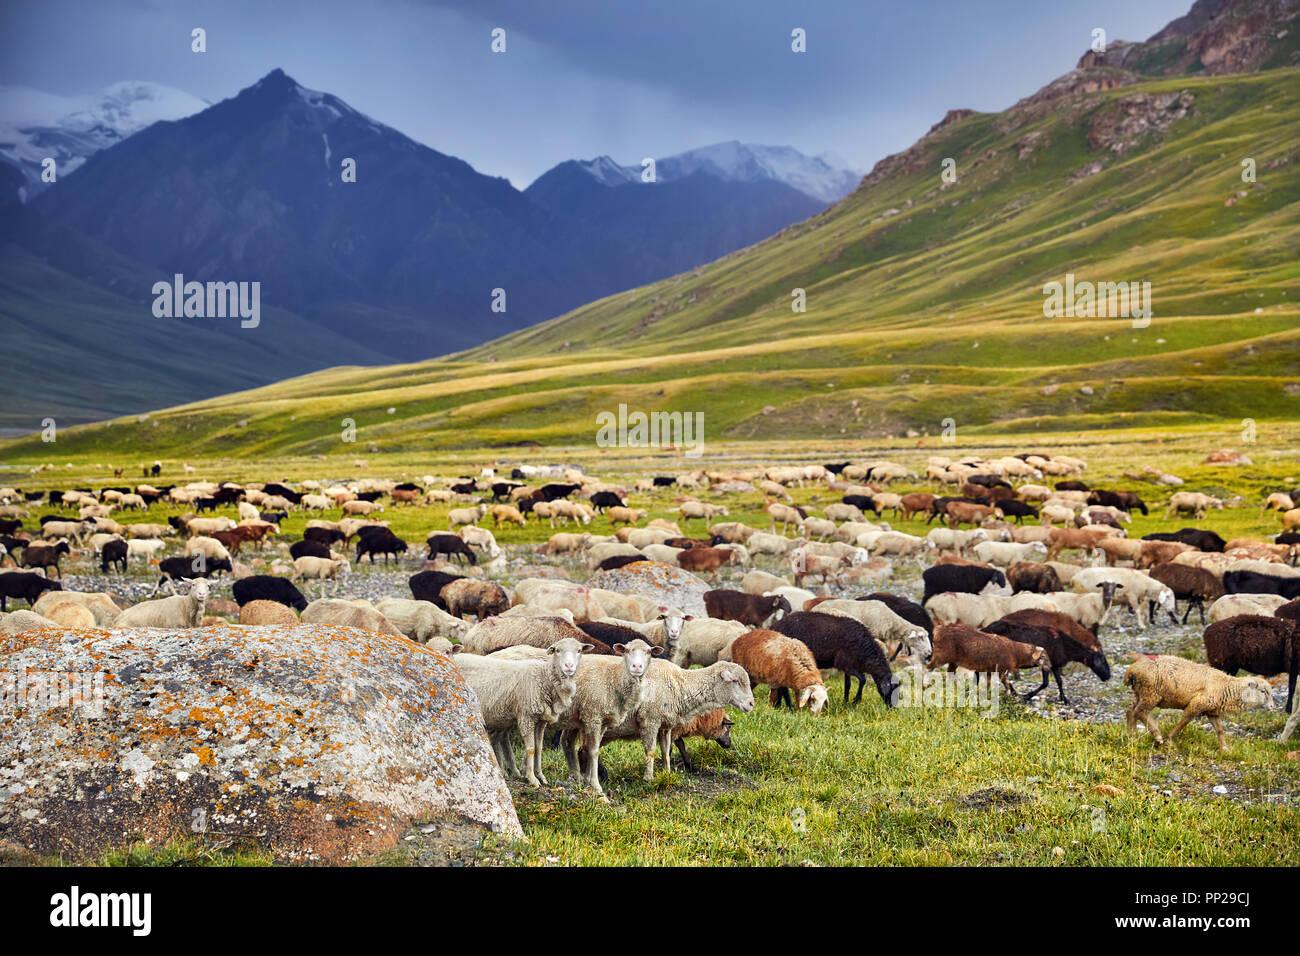 Ovejas en cerca de la roca en Alatau Terskey montañas de Kirguistán, Asia Central Imagen De Stock